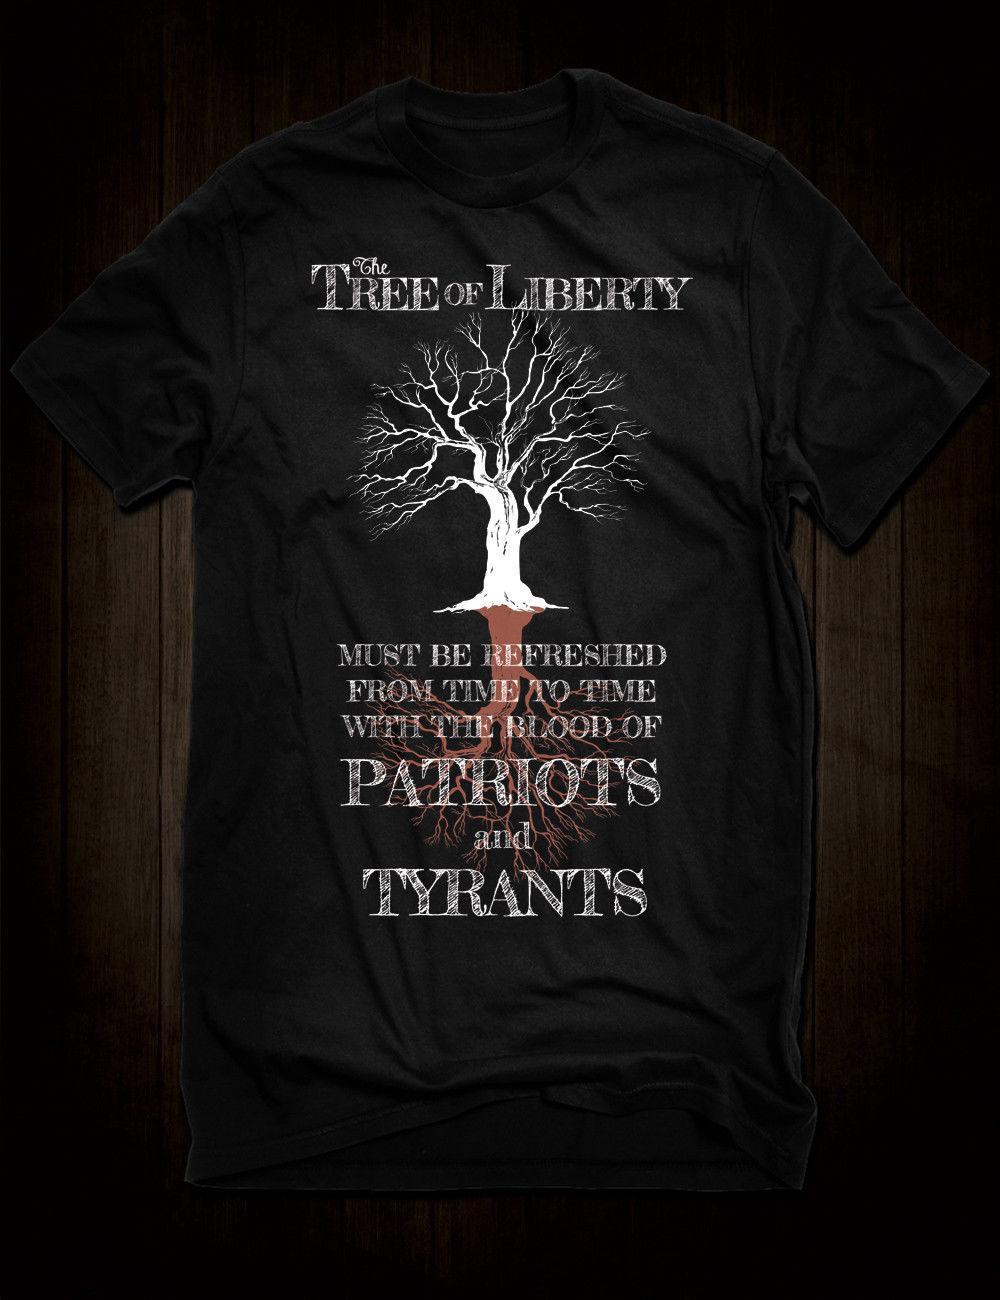 b0ff6bbb40e3 New Black Tree Of Liberty T Shirt Thomas Jefferson Tyrants Patriots Blood  Quote 2018 Men S Lastest Fashion Short Sleeve Printed Funny Tshirt And Shirt  ...